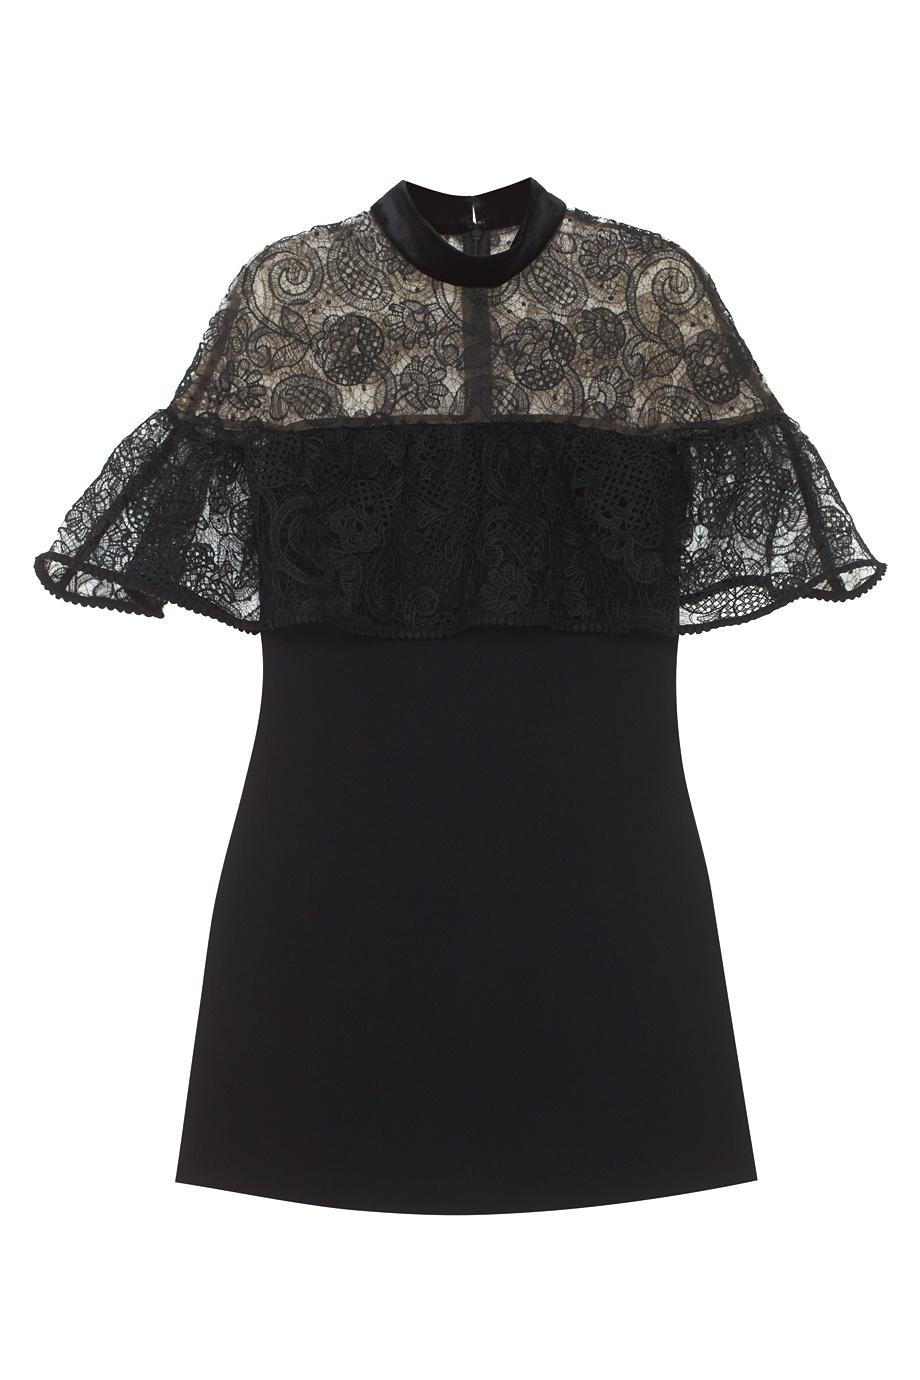 Черное платье с черным кружевом доставка